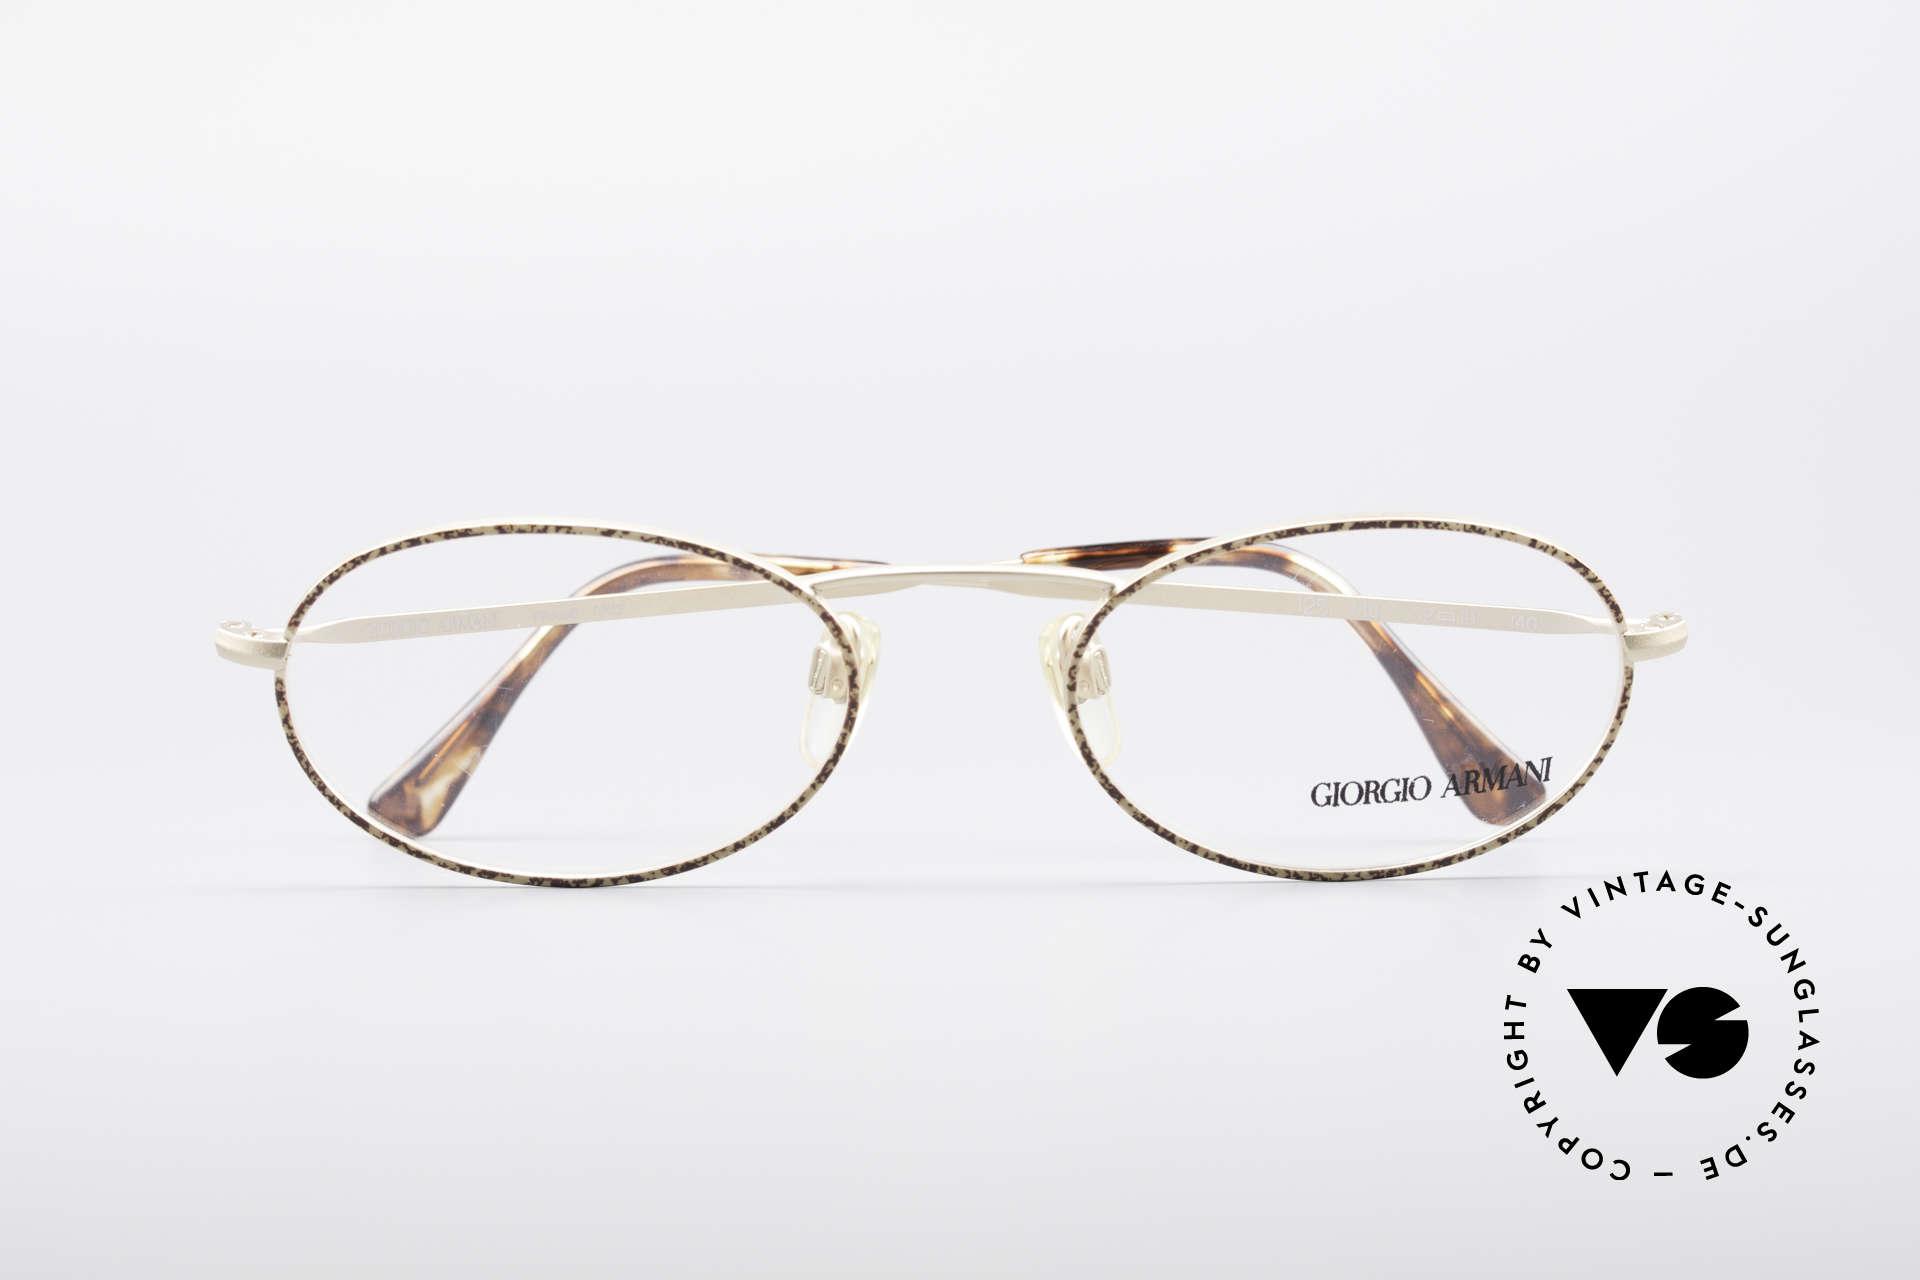 Giorgio Armani 125 Ovale Vintage Fassung, Fassung ist beliebig verglasbar (optisch oder Sonne), Passend für Herren und Damen